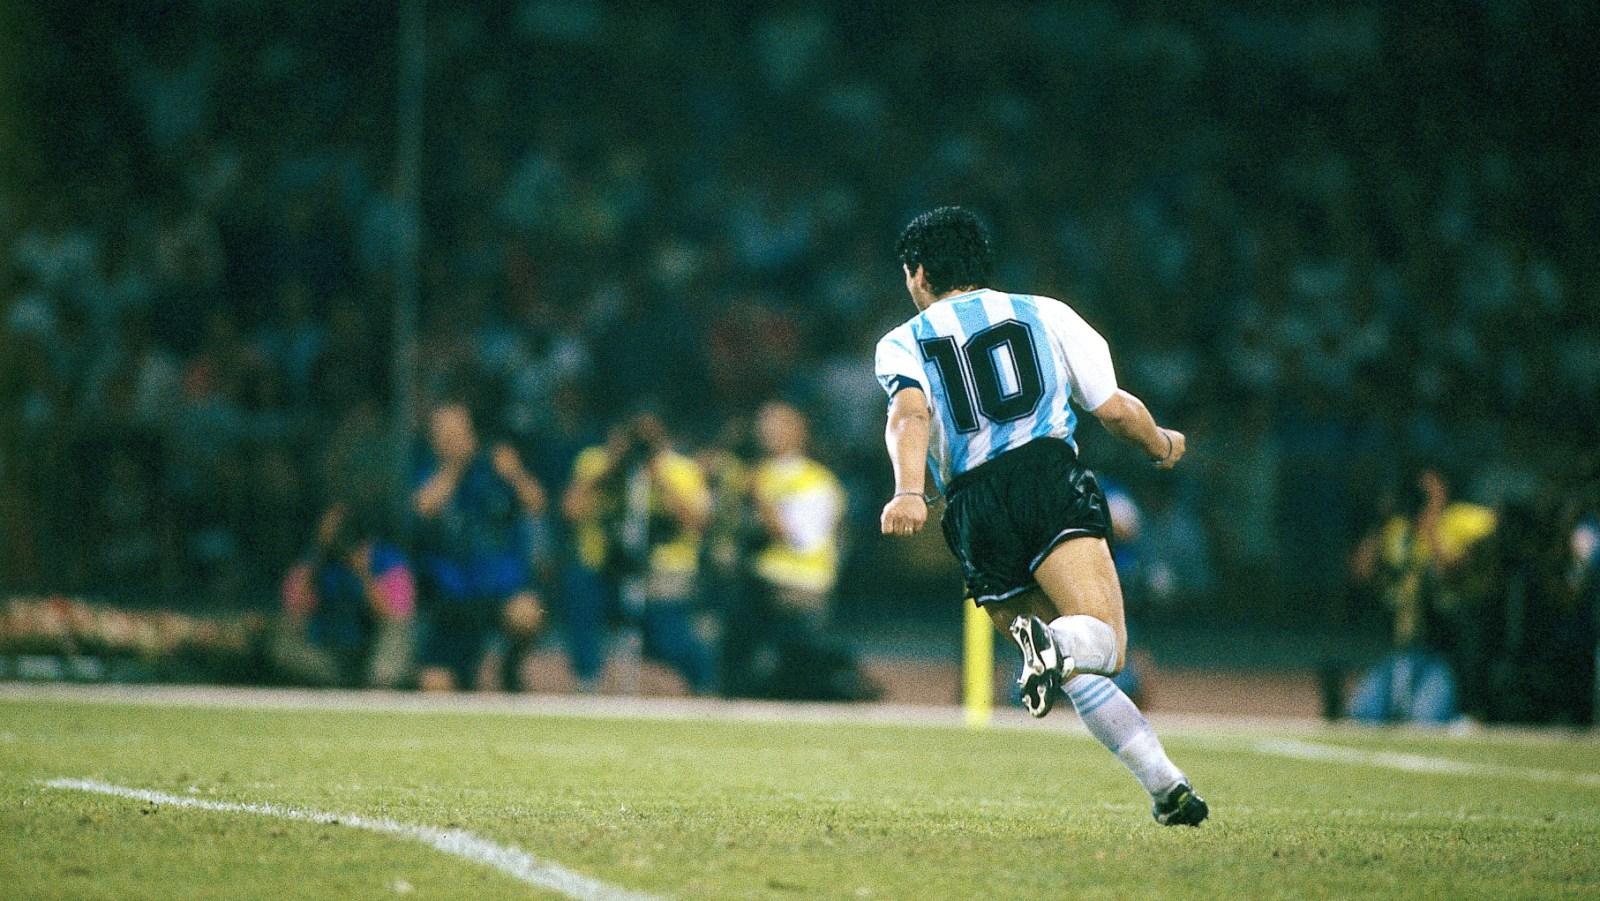 Personalização nas camisas: a 10 do Maradona